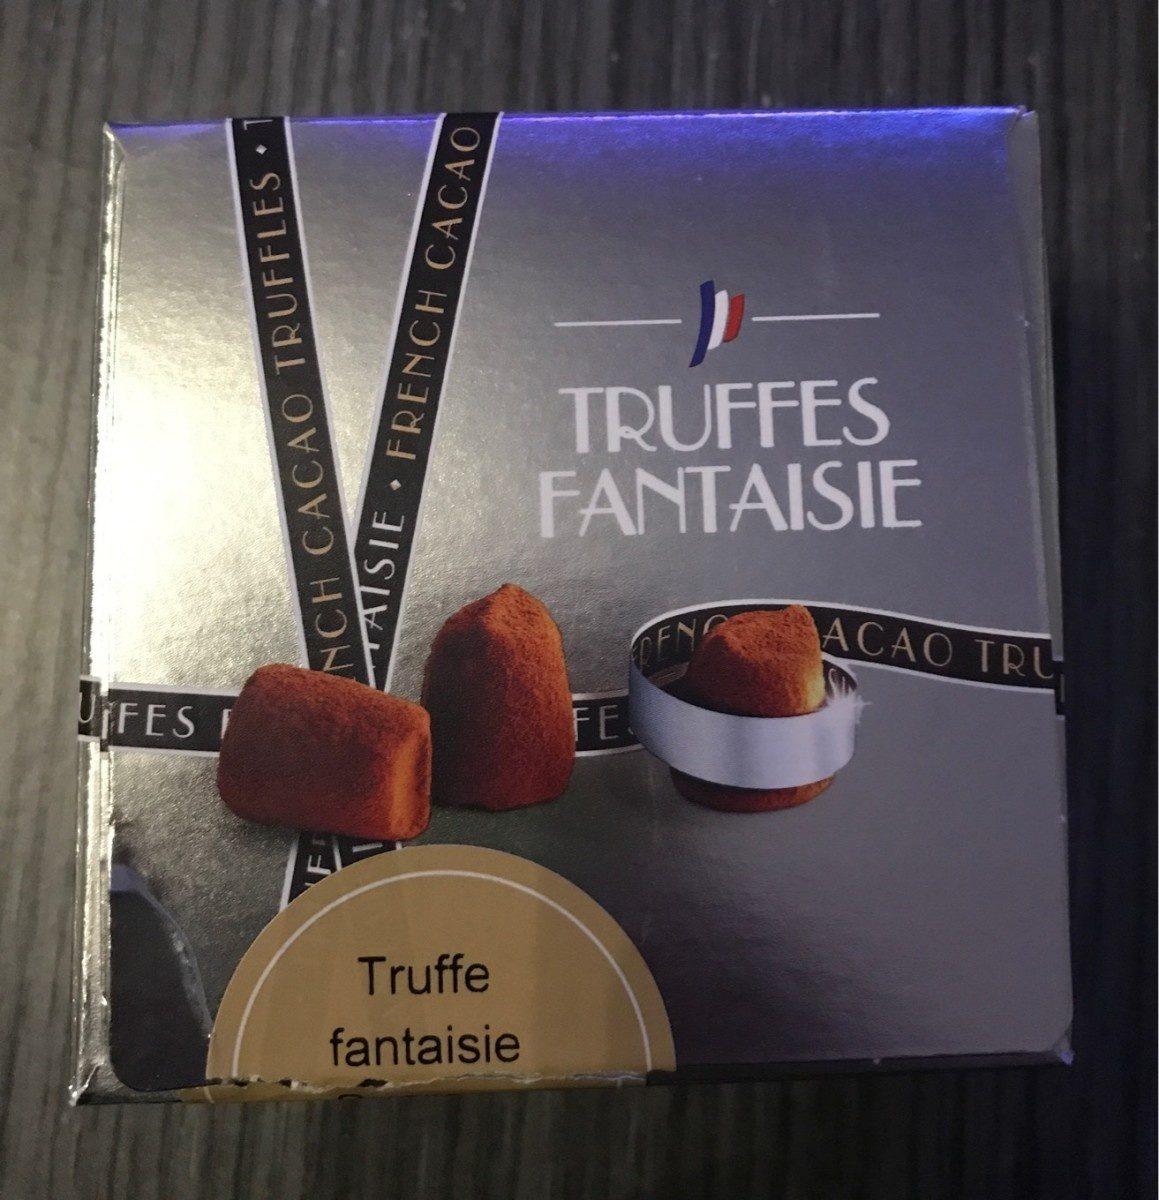 Truffes fantaisie sucre pétillant - Produit